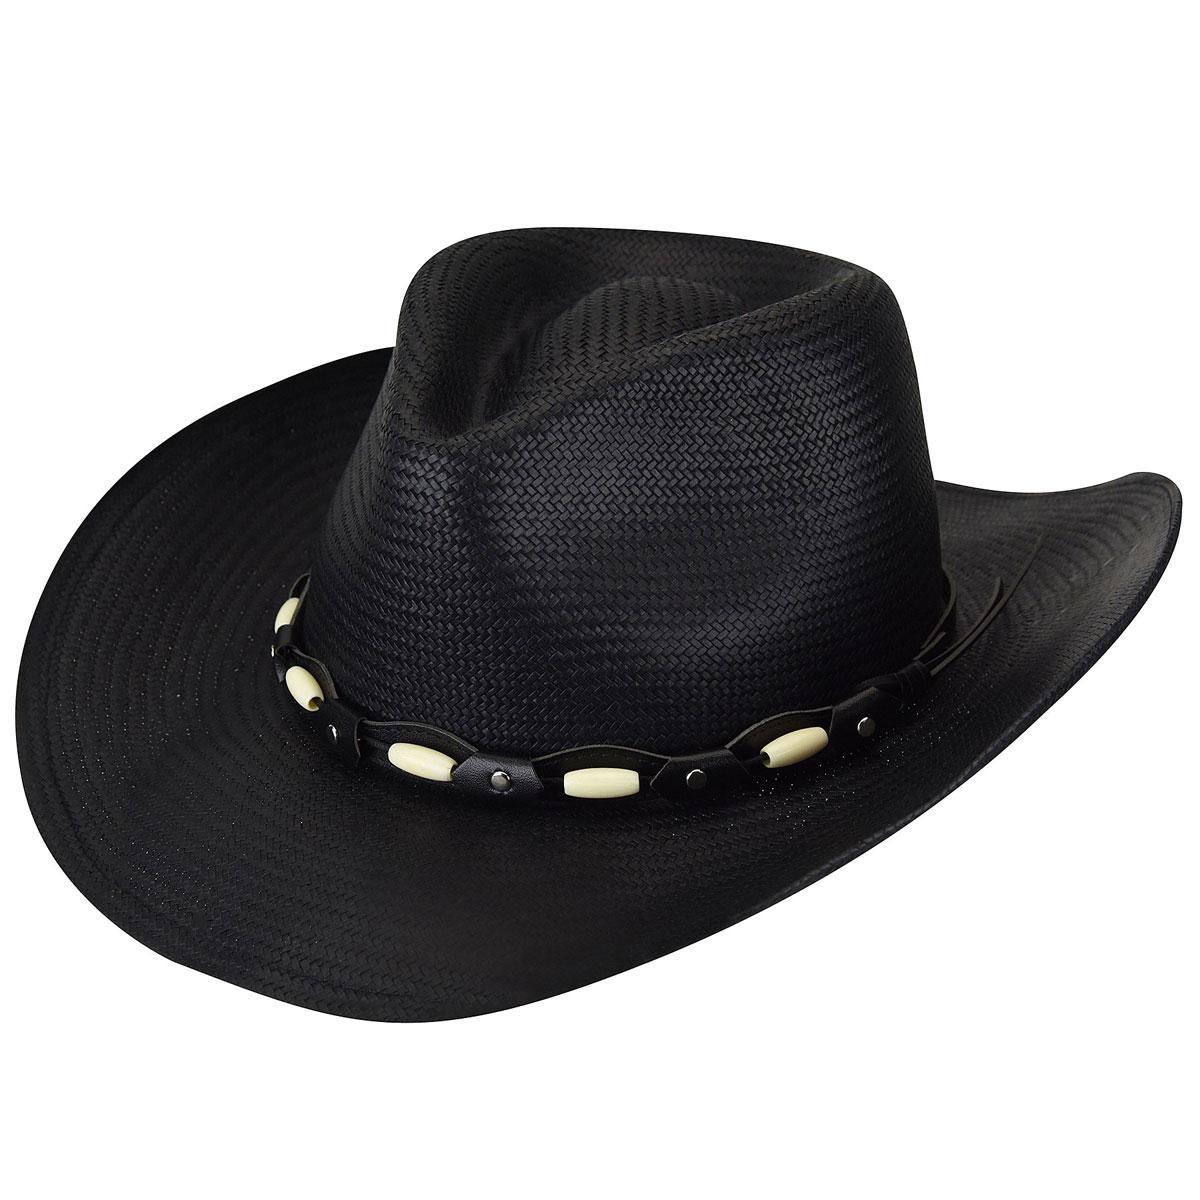 Eddy Bros. Eddy Bros. Gallup Western Hat in Black